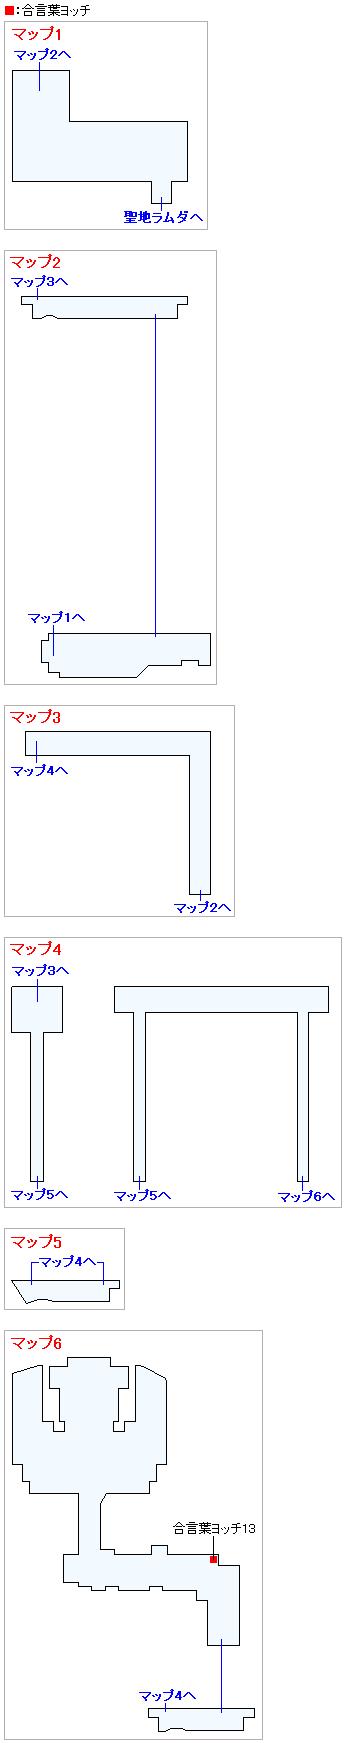 勇者の峰(ゼーランダ山・山頂)(Switch2Dモード)のマップ画像